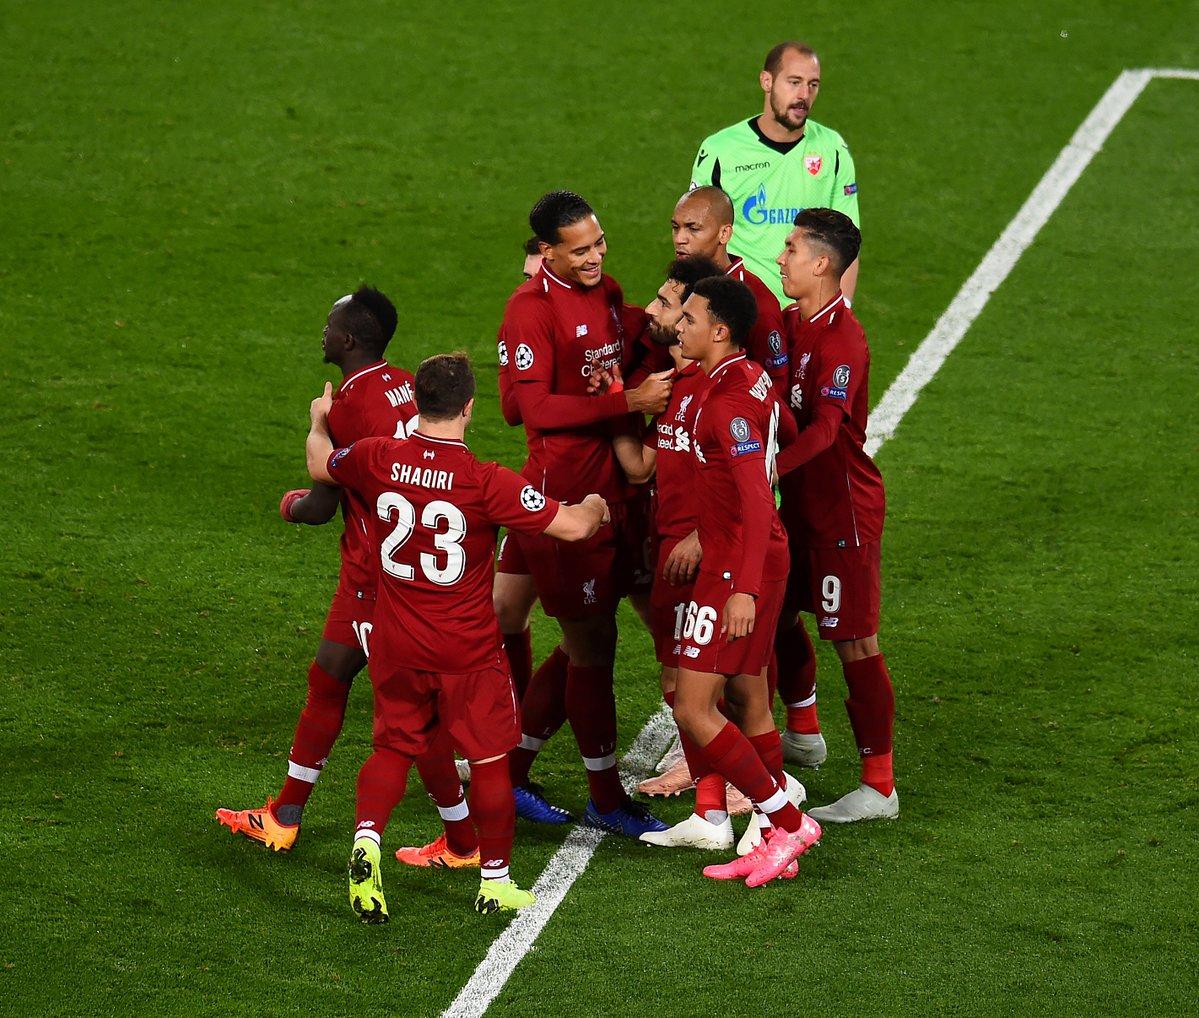 Cúp C1 sáng nay (25/10): Dortmund, Barca và Liverpool giành chiến thắng. PSG hòa Napoli